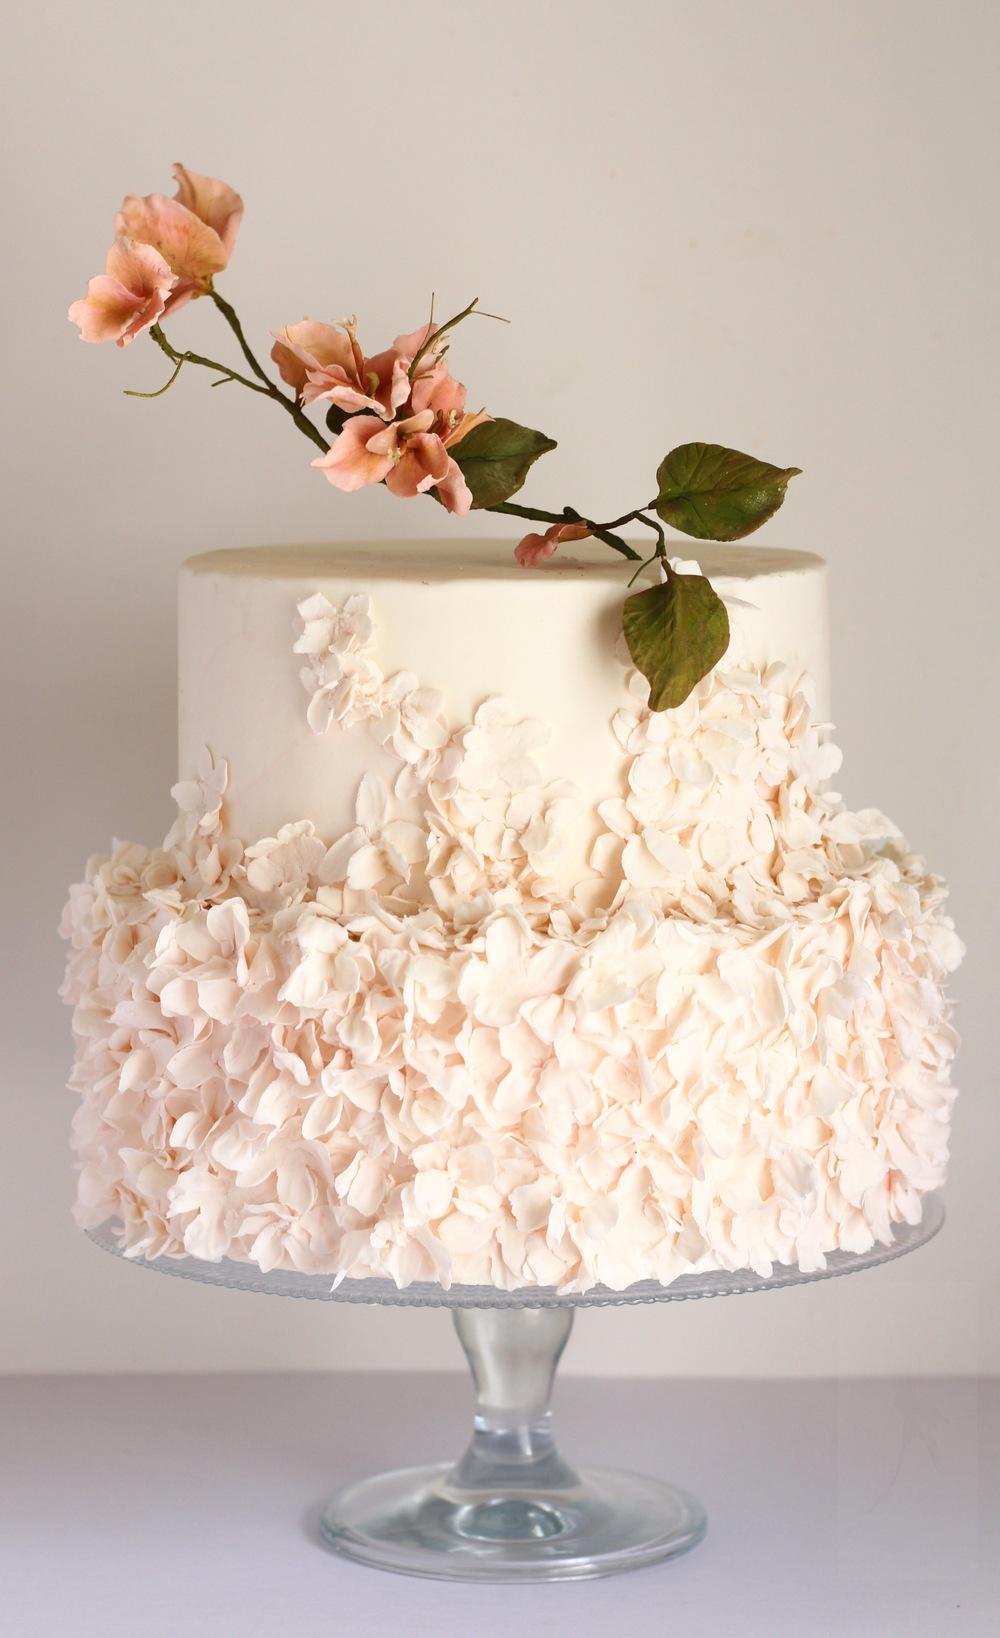 trinidad and tobago wedding cake-bougainvillea by jaime gerard cake